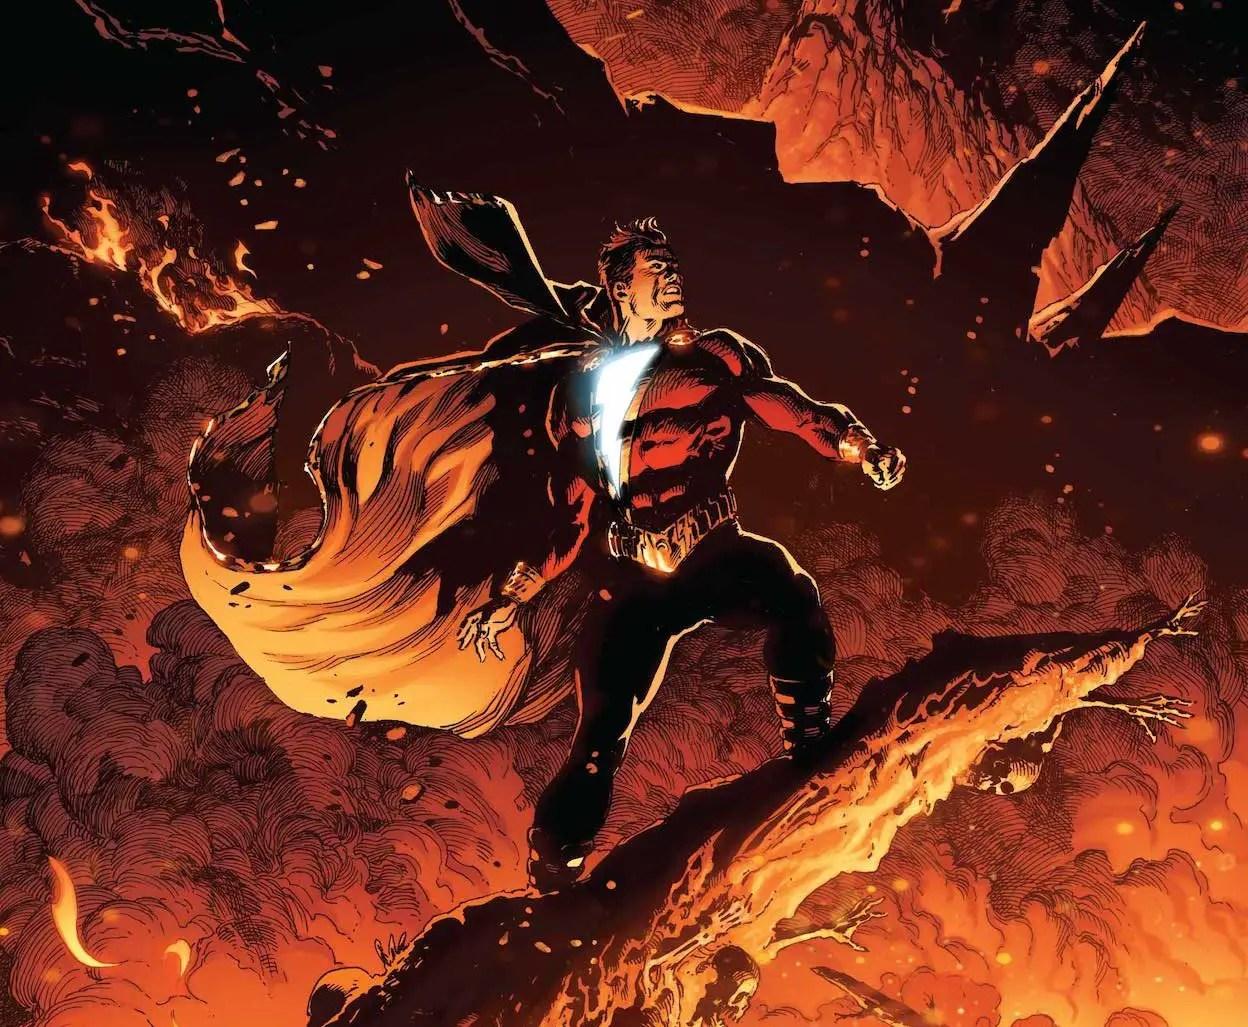 DC Preview: Shazam! #1